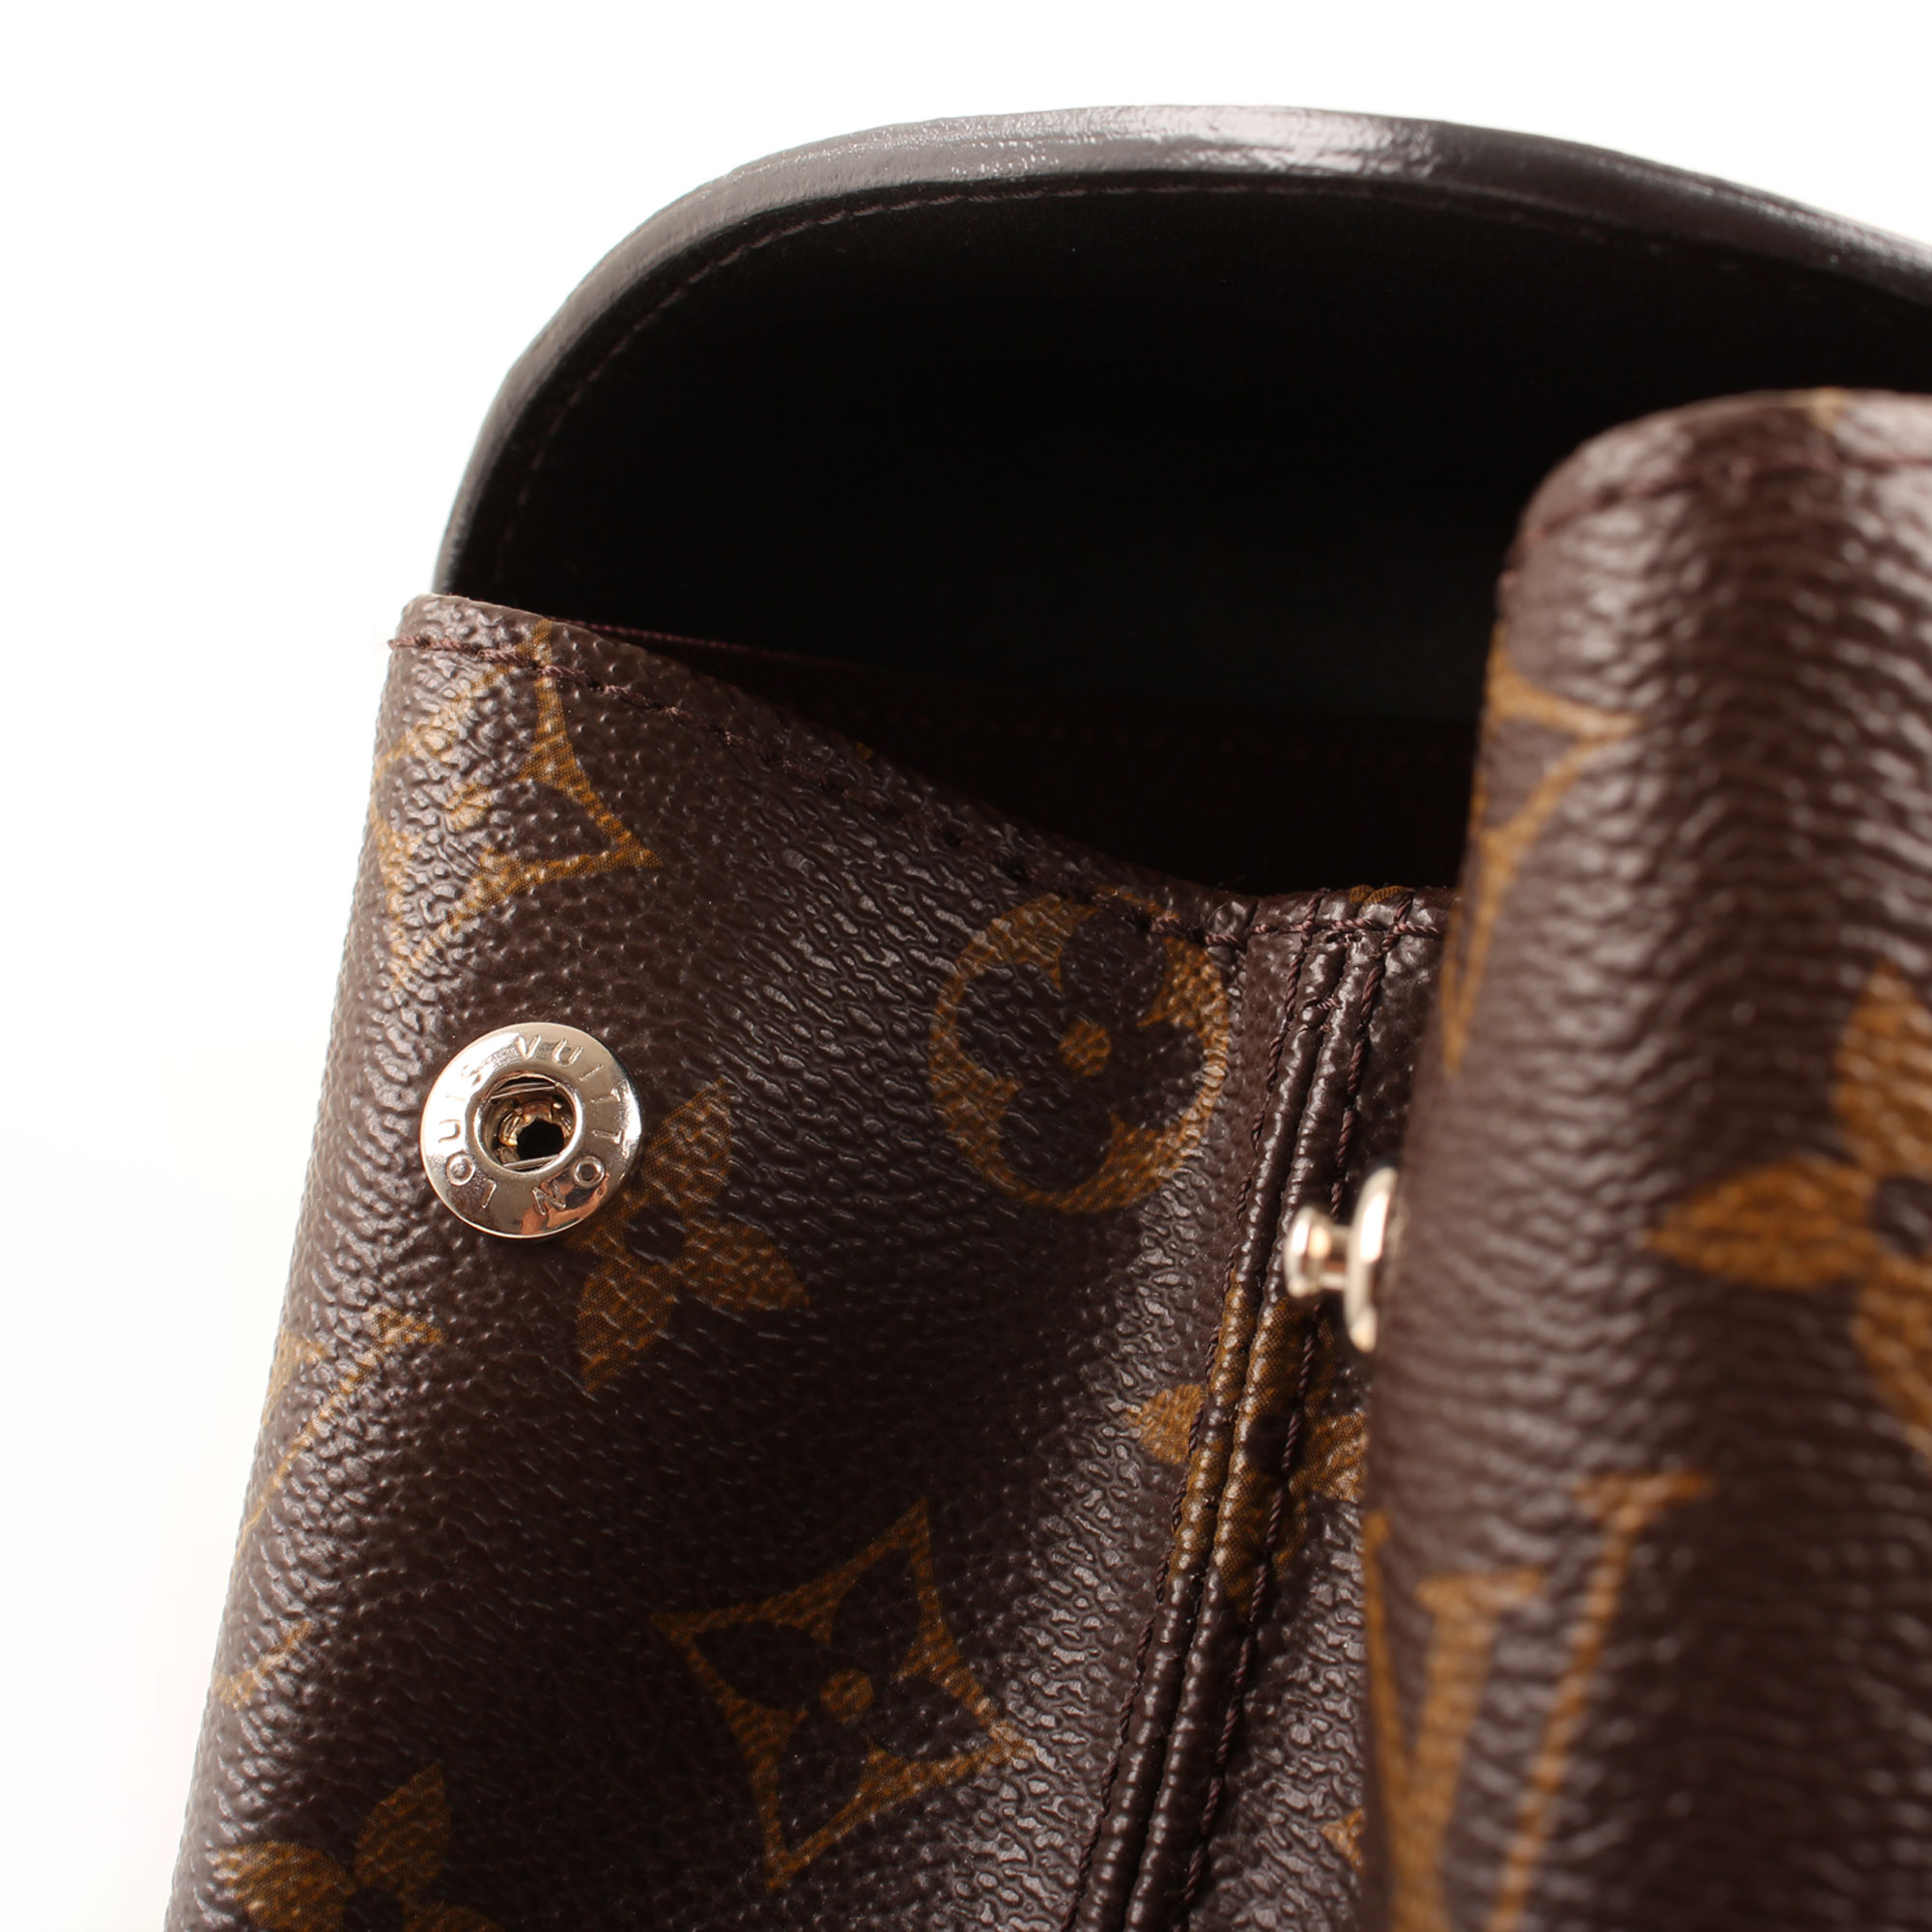 Imagen de detalle del cierre de la mochila louis vuitton palk monogram macassar